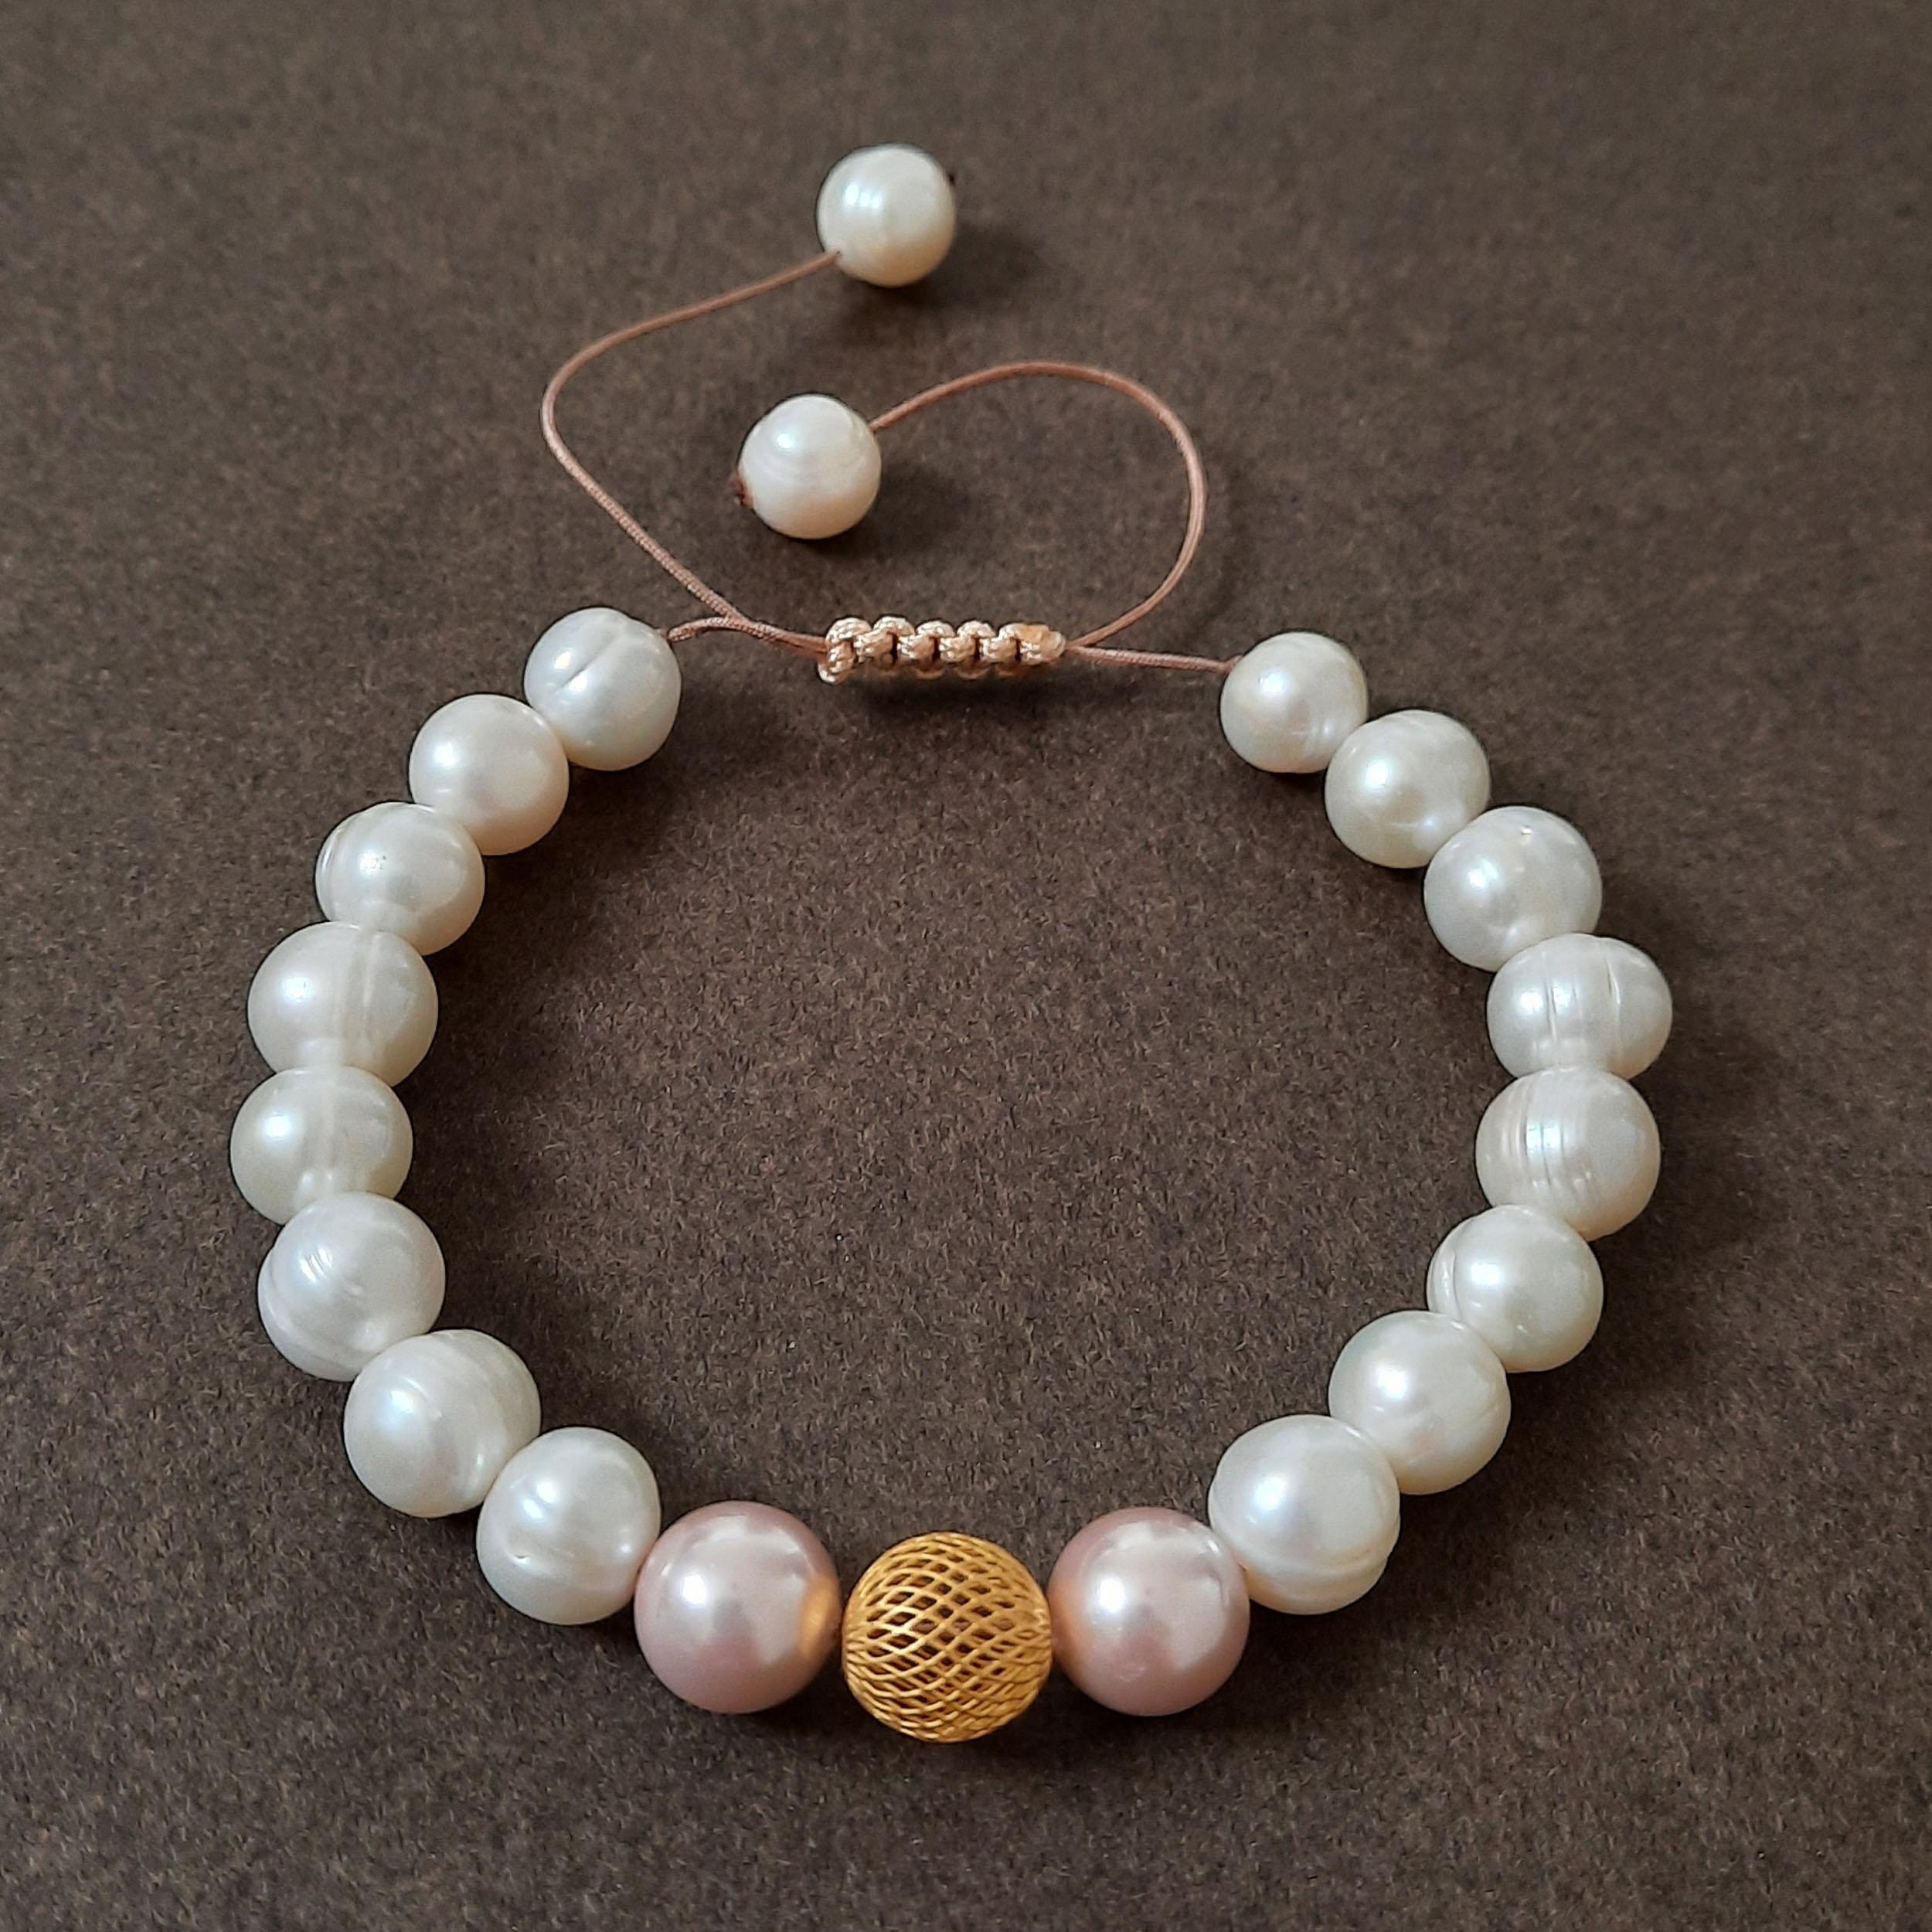 دستبند طلا 18 عیار زنانه الماسین آذر طرح گوی مدل GOY03